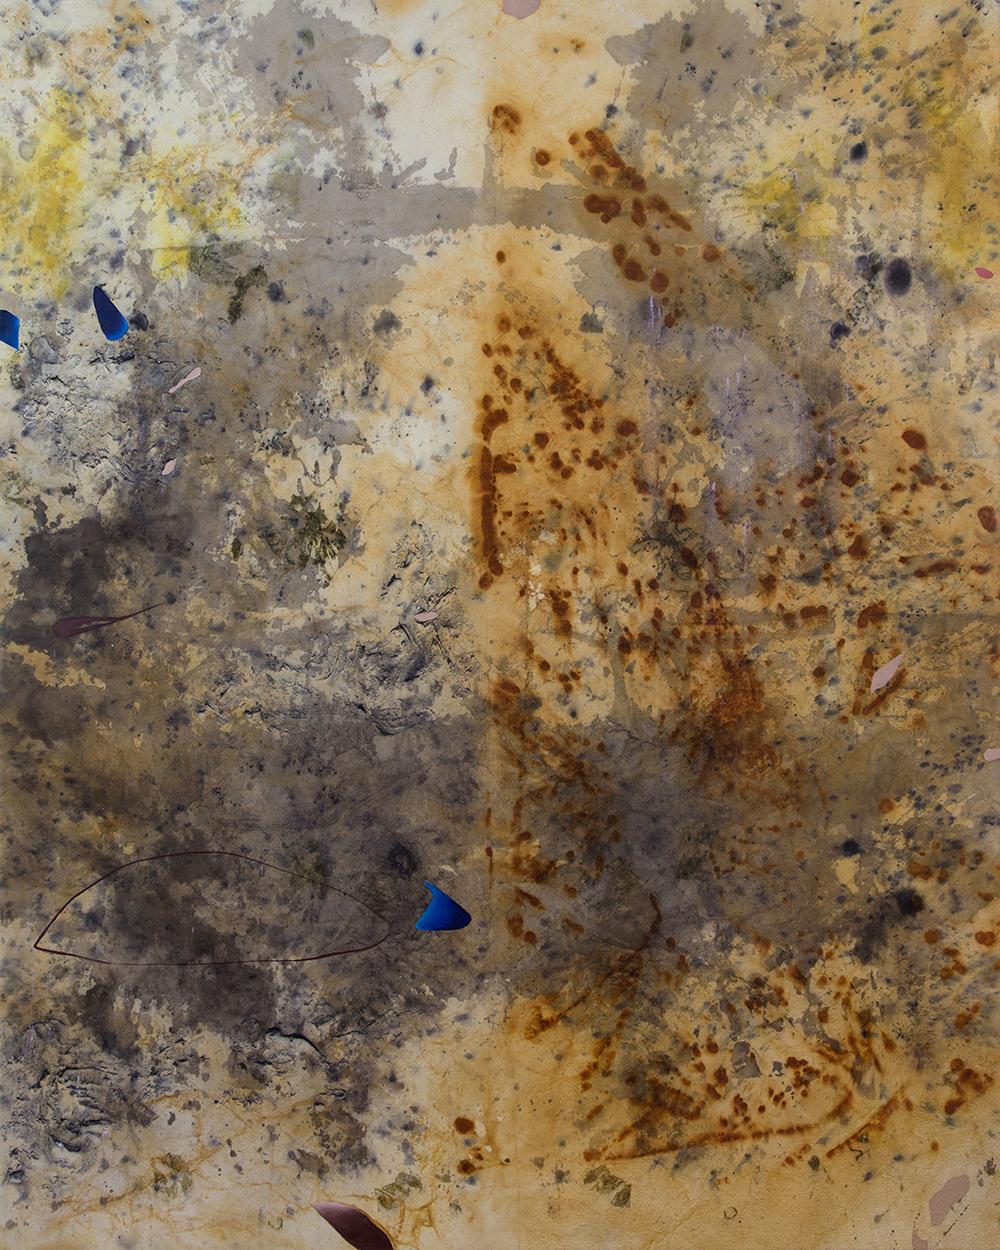 """Gillian King,  Each Vertebra a Stone , 2019, médium à cire froide, huile, pigments bruts, sédiments de rouille et divers matériaux végétaux (peau d'oignon, rose, sumac et fleurs sauvages) sur toile, 60"""" x 48"""" (152 x122 cm)"""